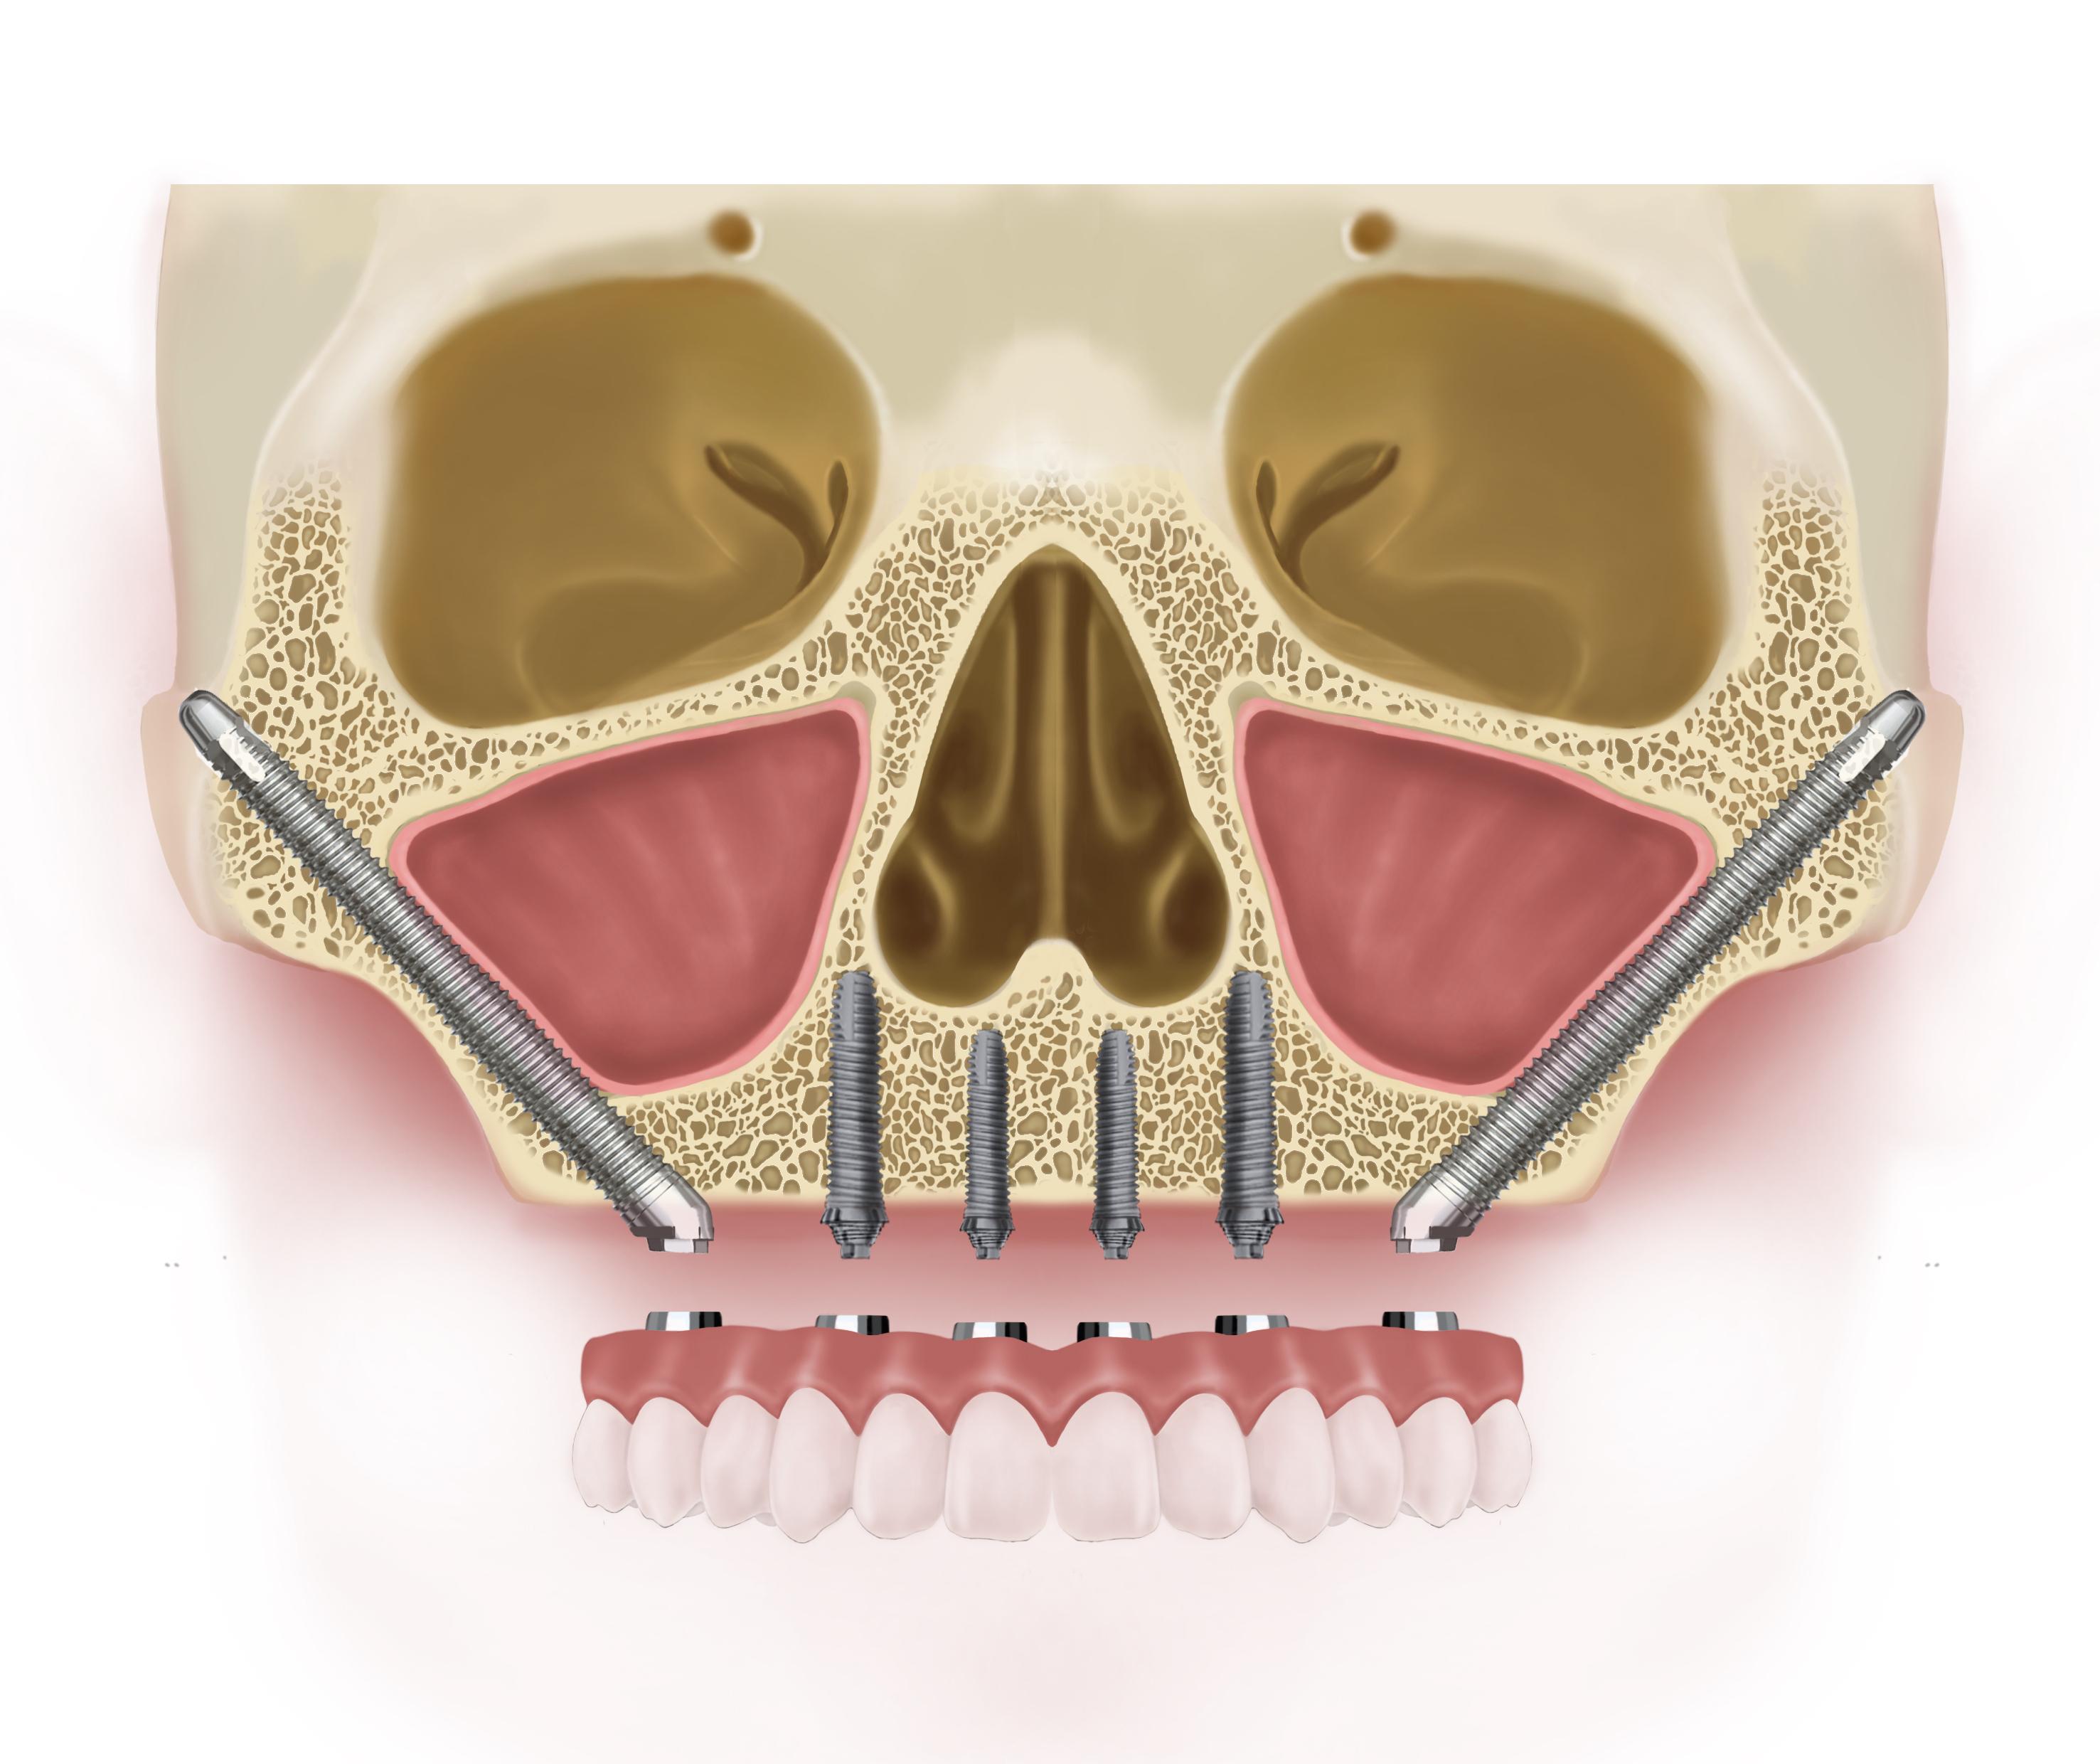 Zygomatic implants